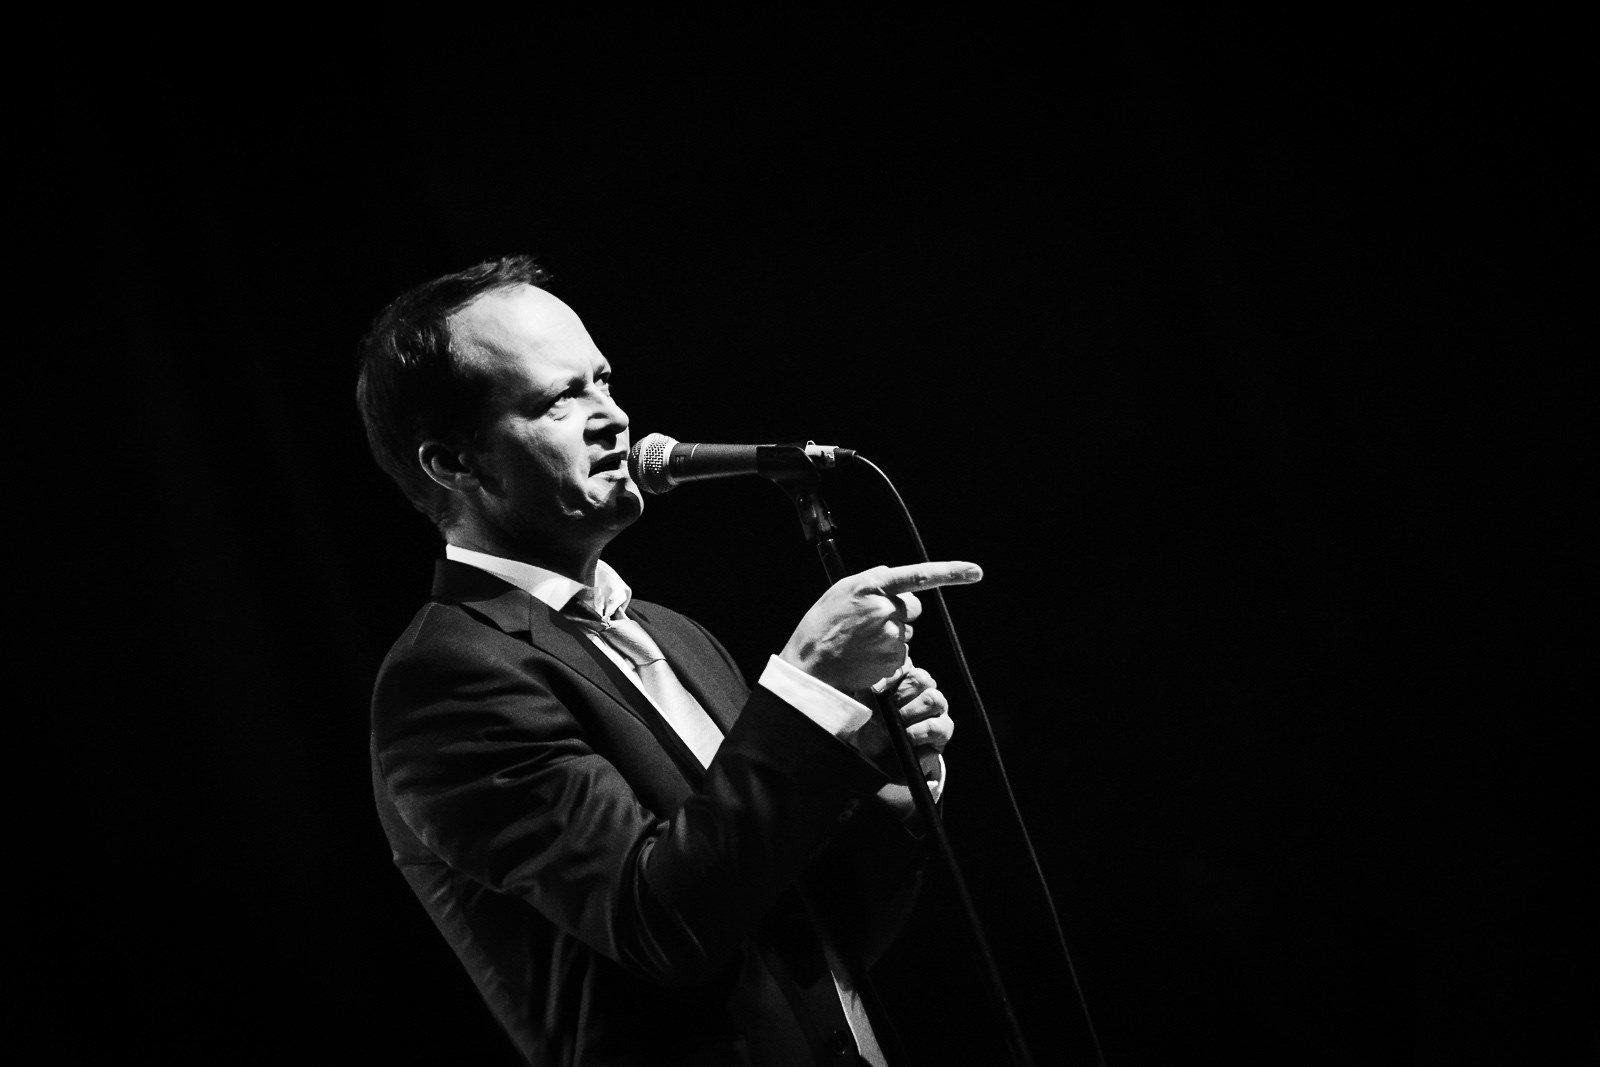 Jacek Bończyk Zaśpiewa Młynarskiego Na Rzece Muzyki 2019 W